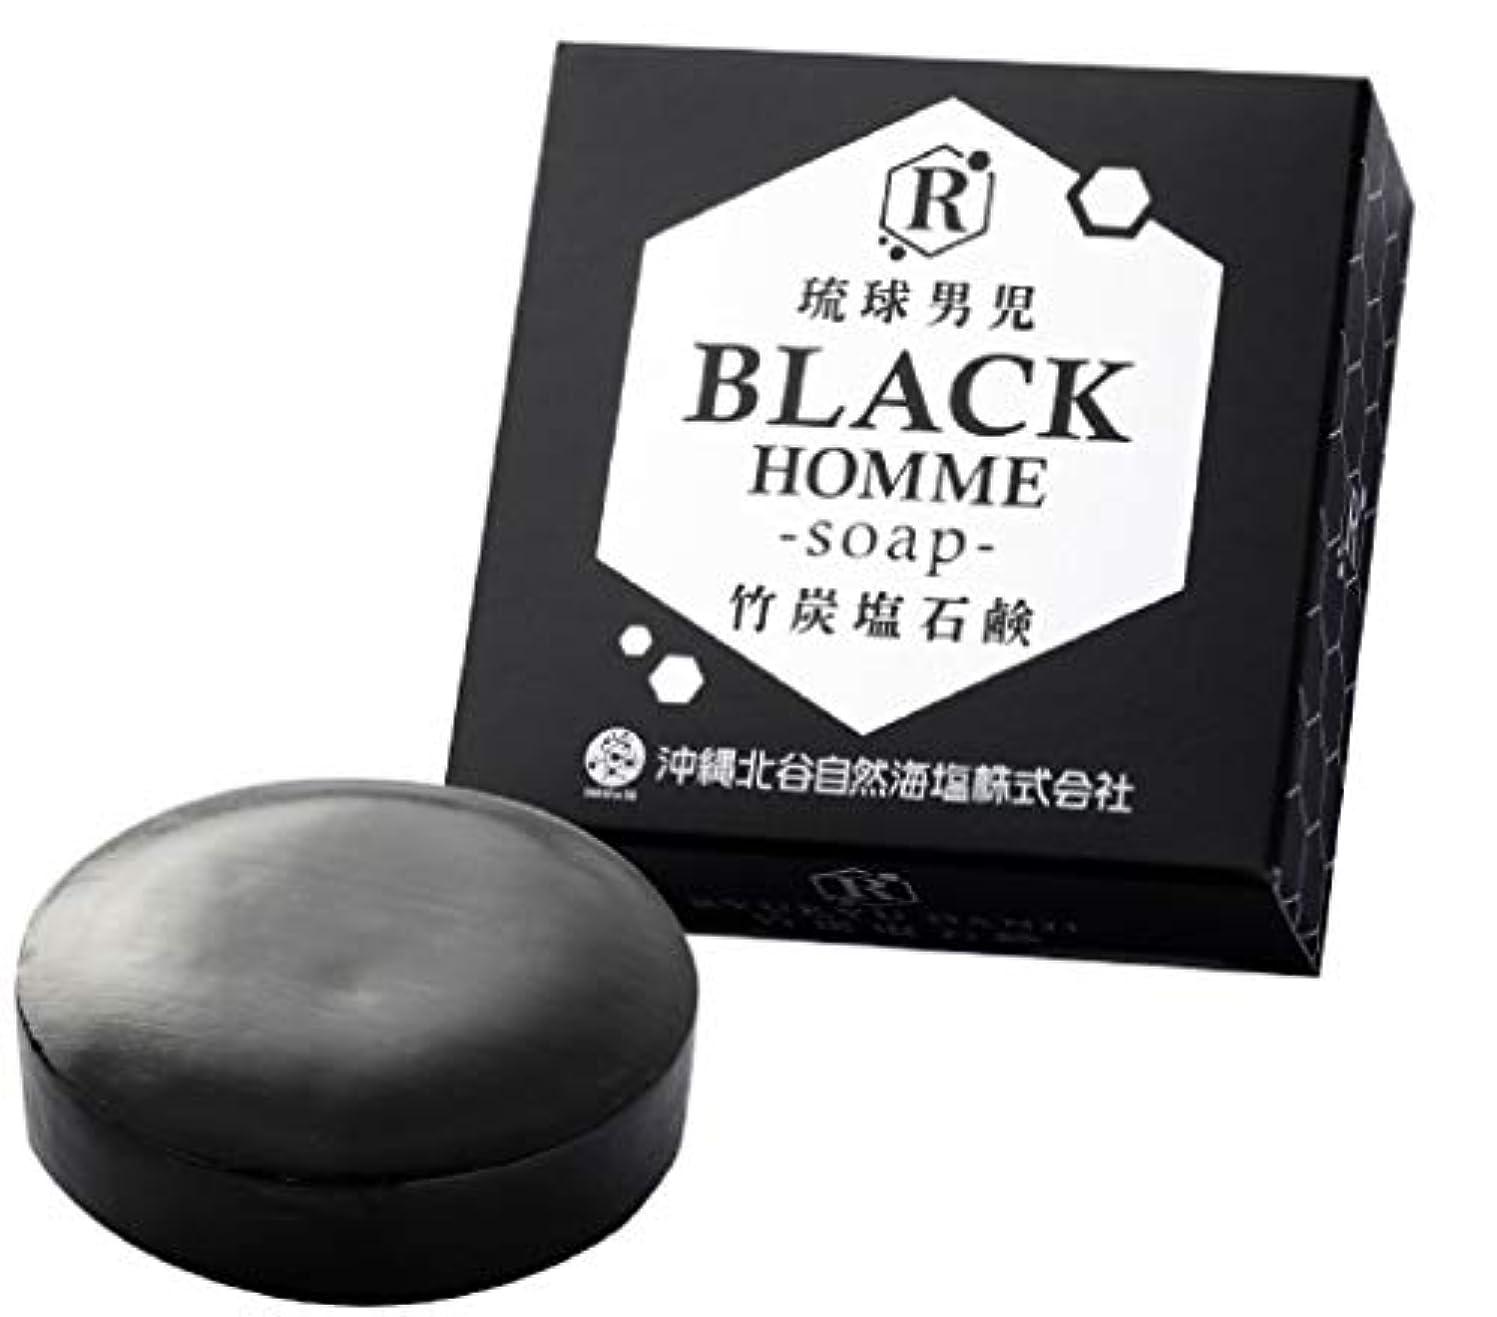 レタッチ暗唱する許可【4個セット】琉球男児 竹炭塩石鹸 BLACK HOMME-soap- 60g 泡立てネット付き